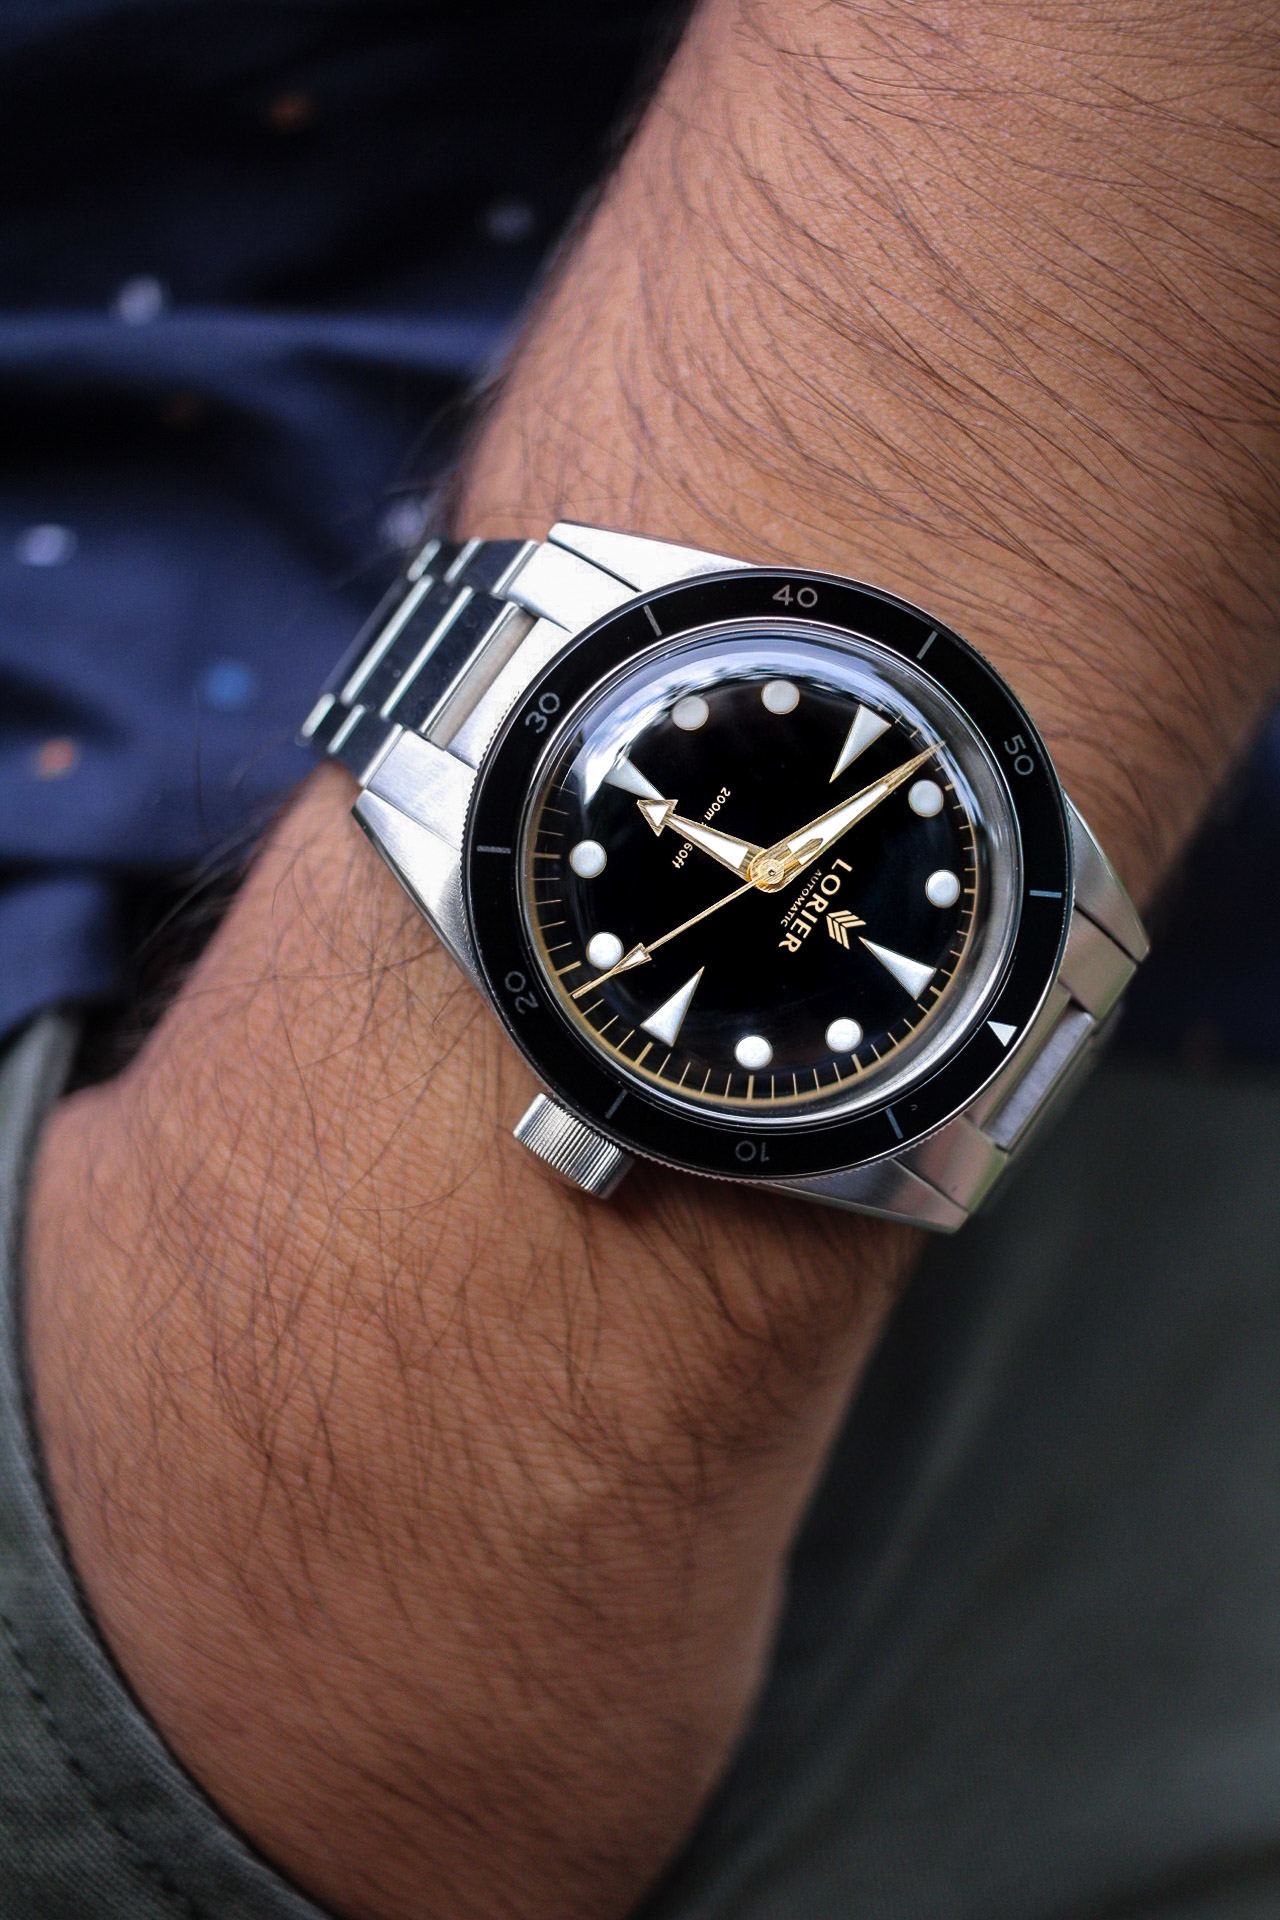 Lorier Neptune Series II on wrist